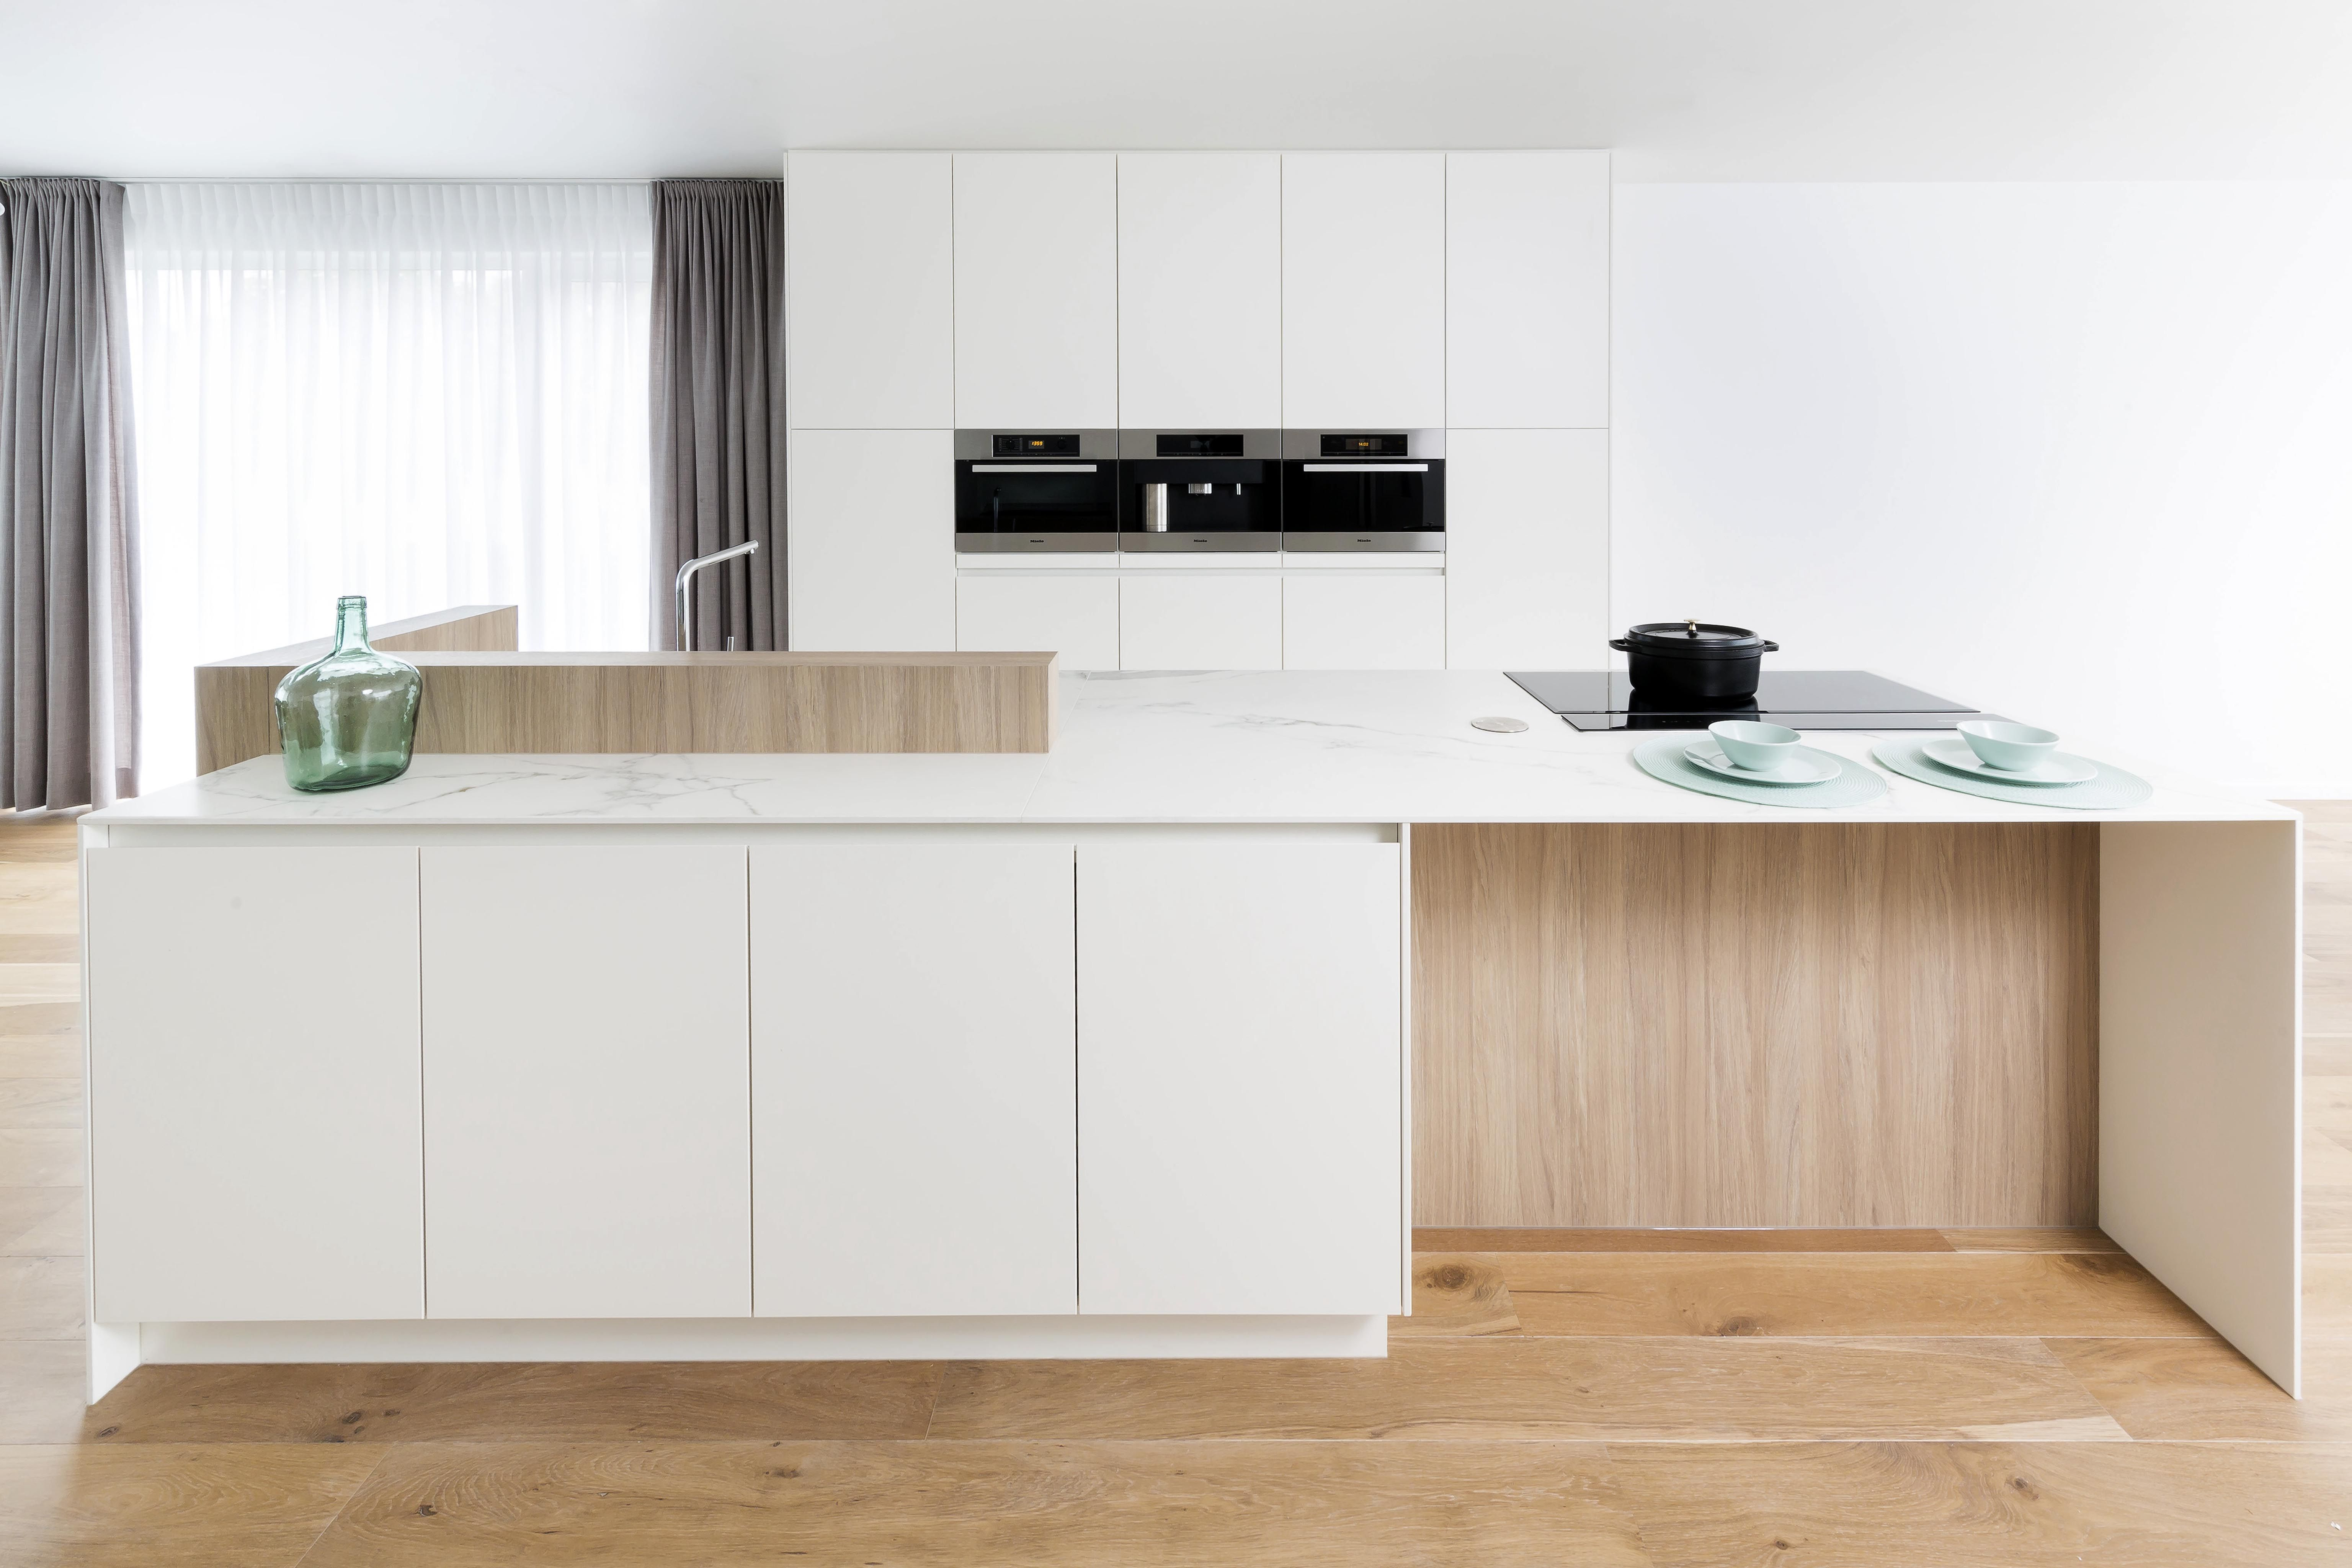 Gemütlich Küche Sammlung Nh Portsmouth Bilder - Küche Set Ideen ...